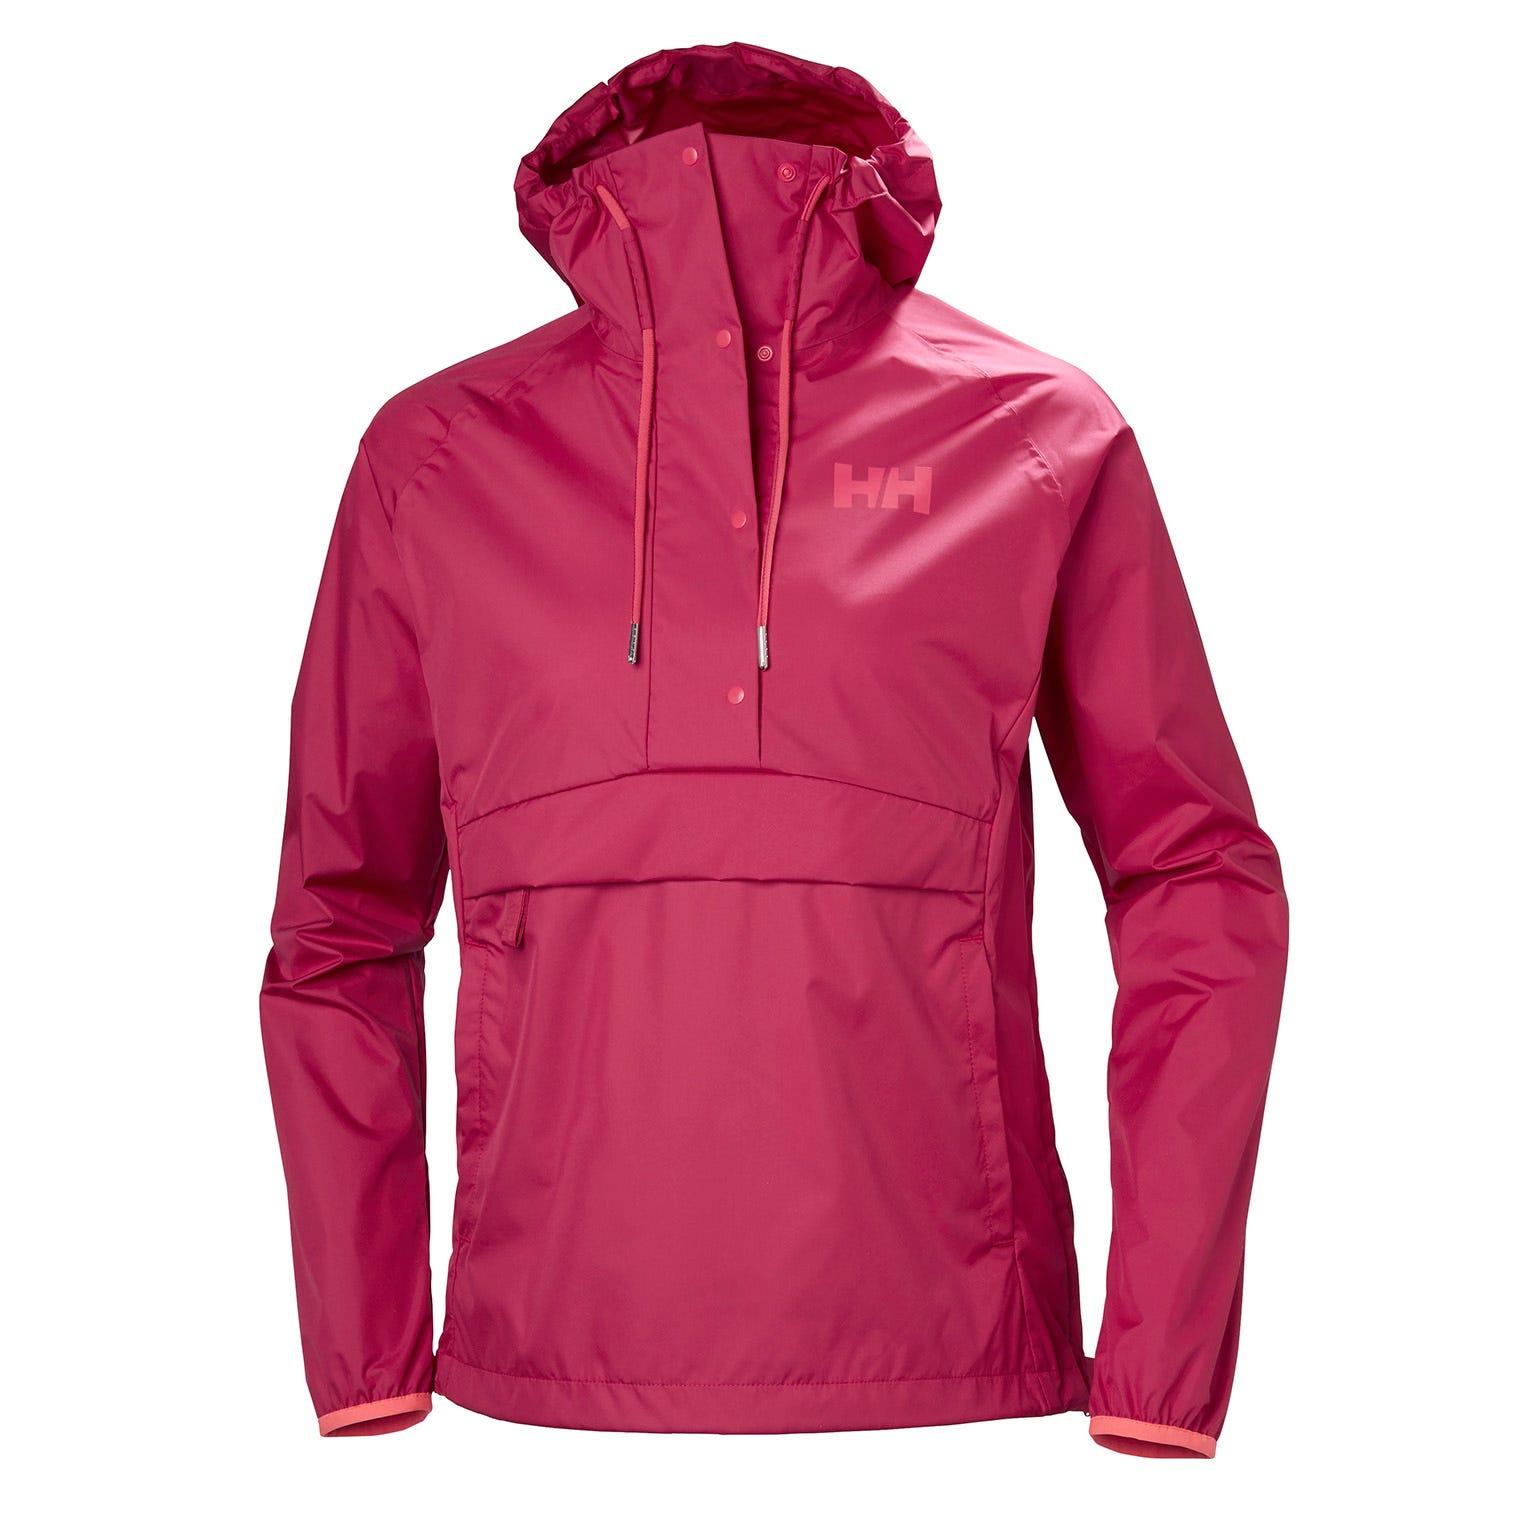 Helly Hansen W Loke Packable Anorak Womens Hiking Jacket Pink XS